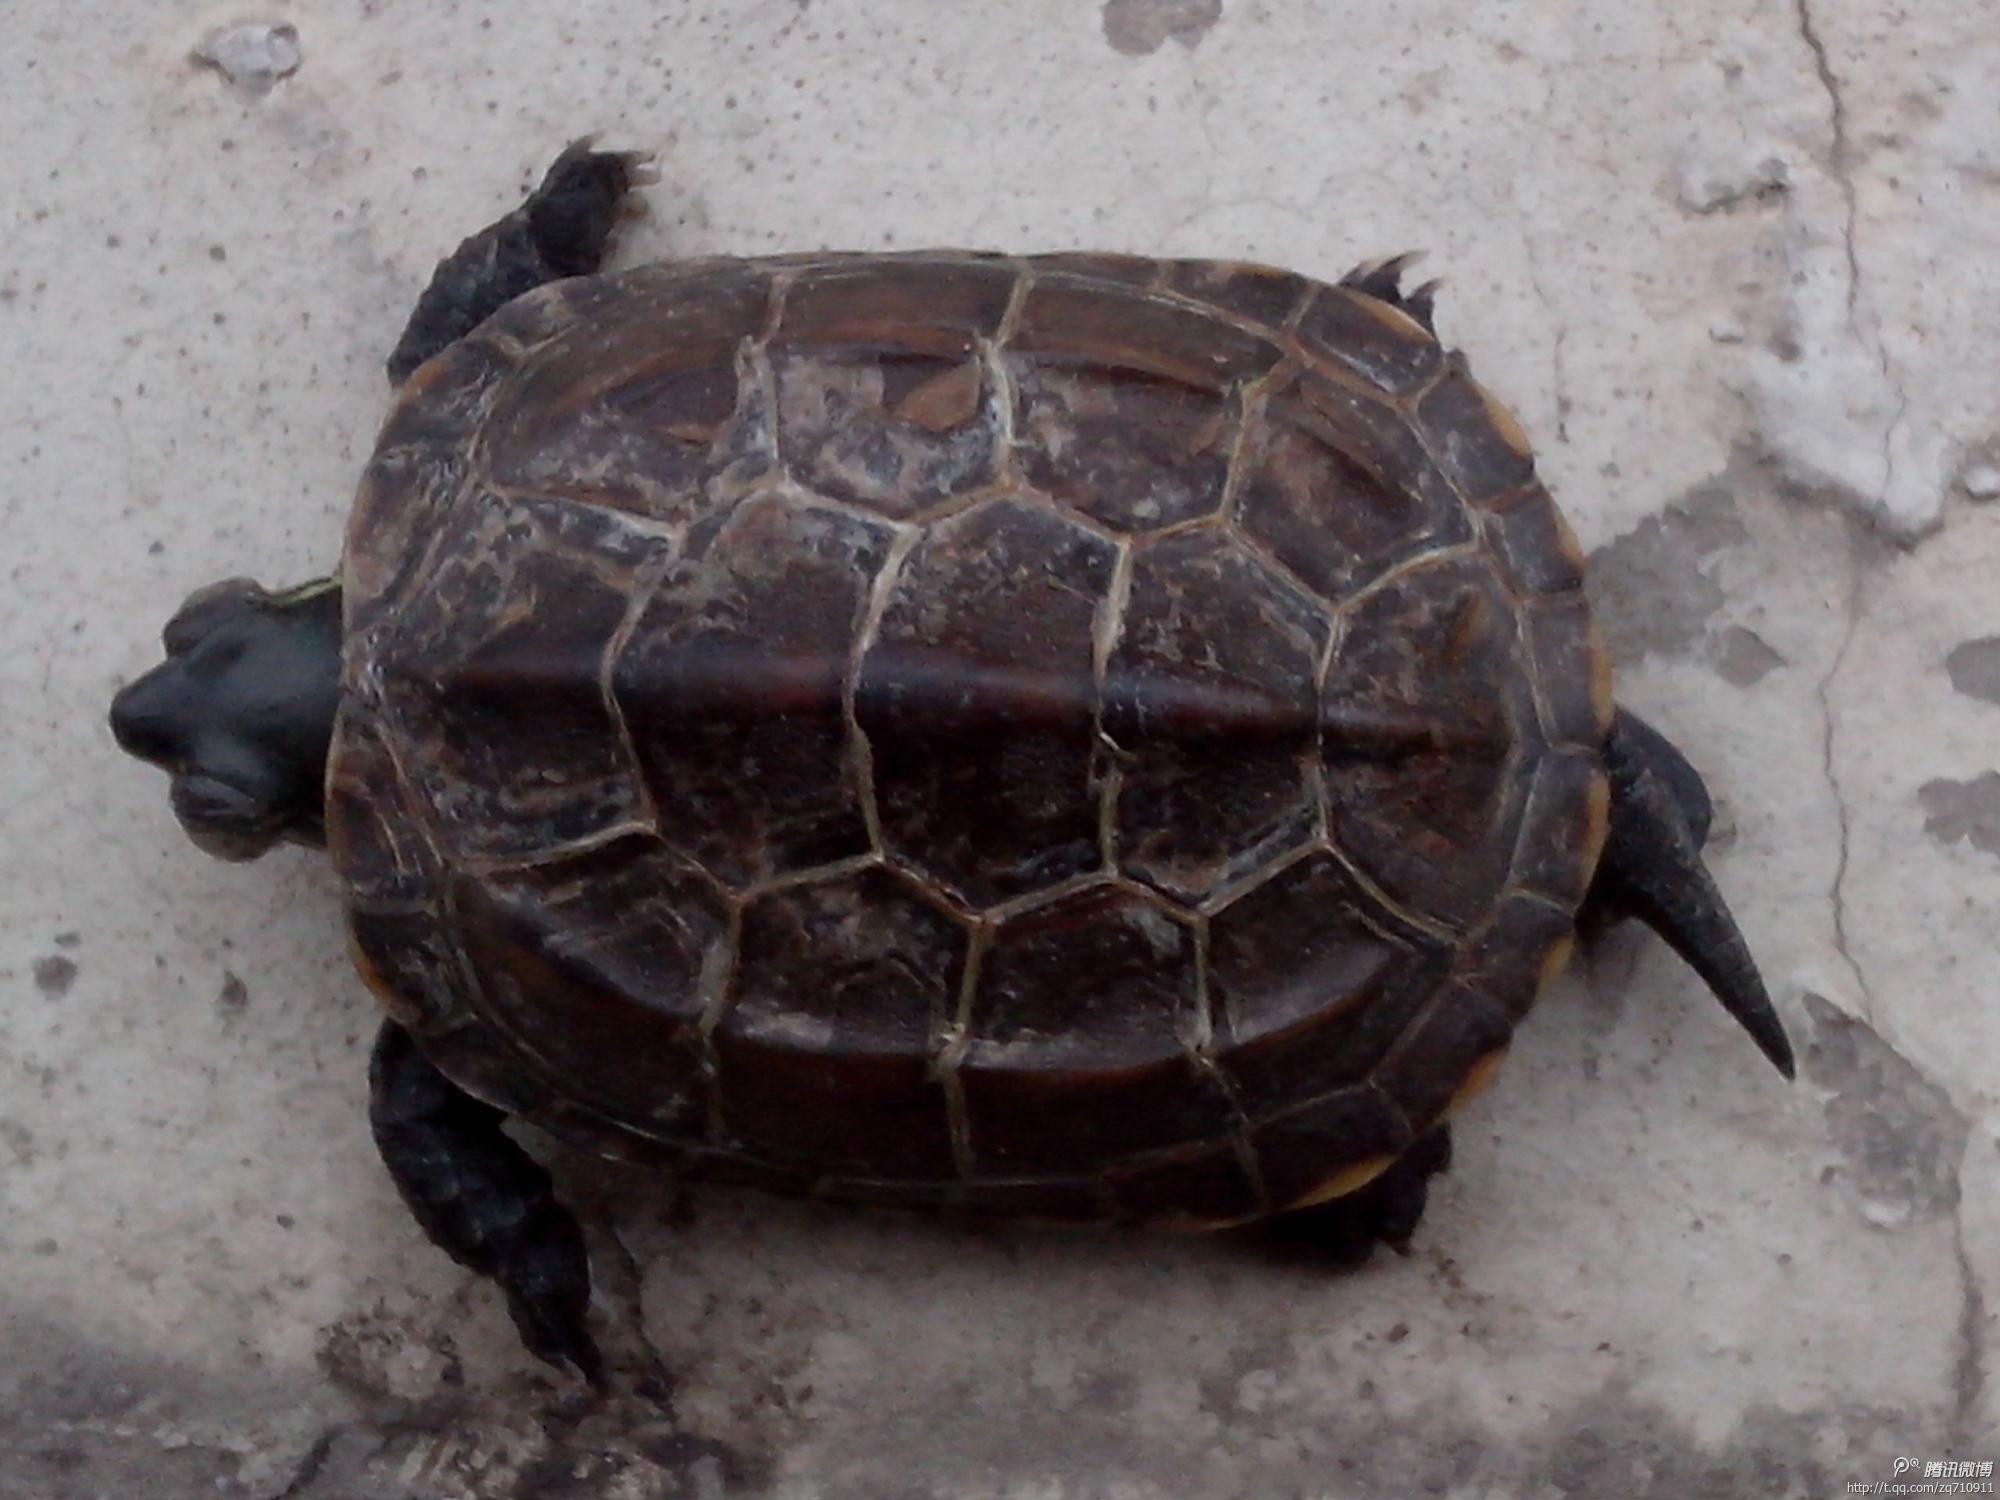 http://t2.qpic.cn/mblogpic/9166f569df8393bd4764/2000_qpic.cn/mblogpic/a8d3198770626b86e5ee/2000,这是什么品种的乌龟?